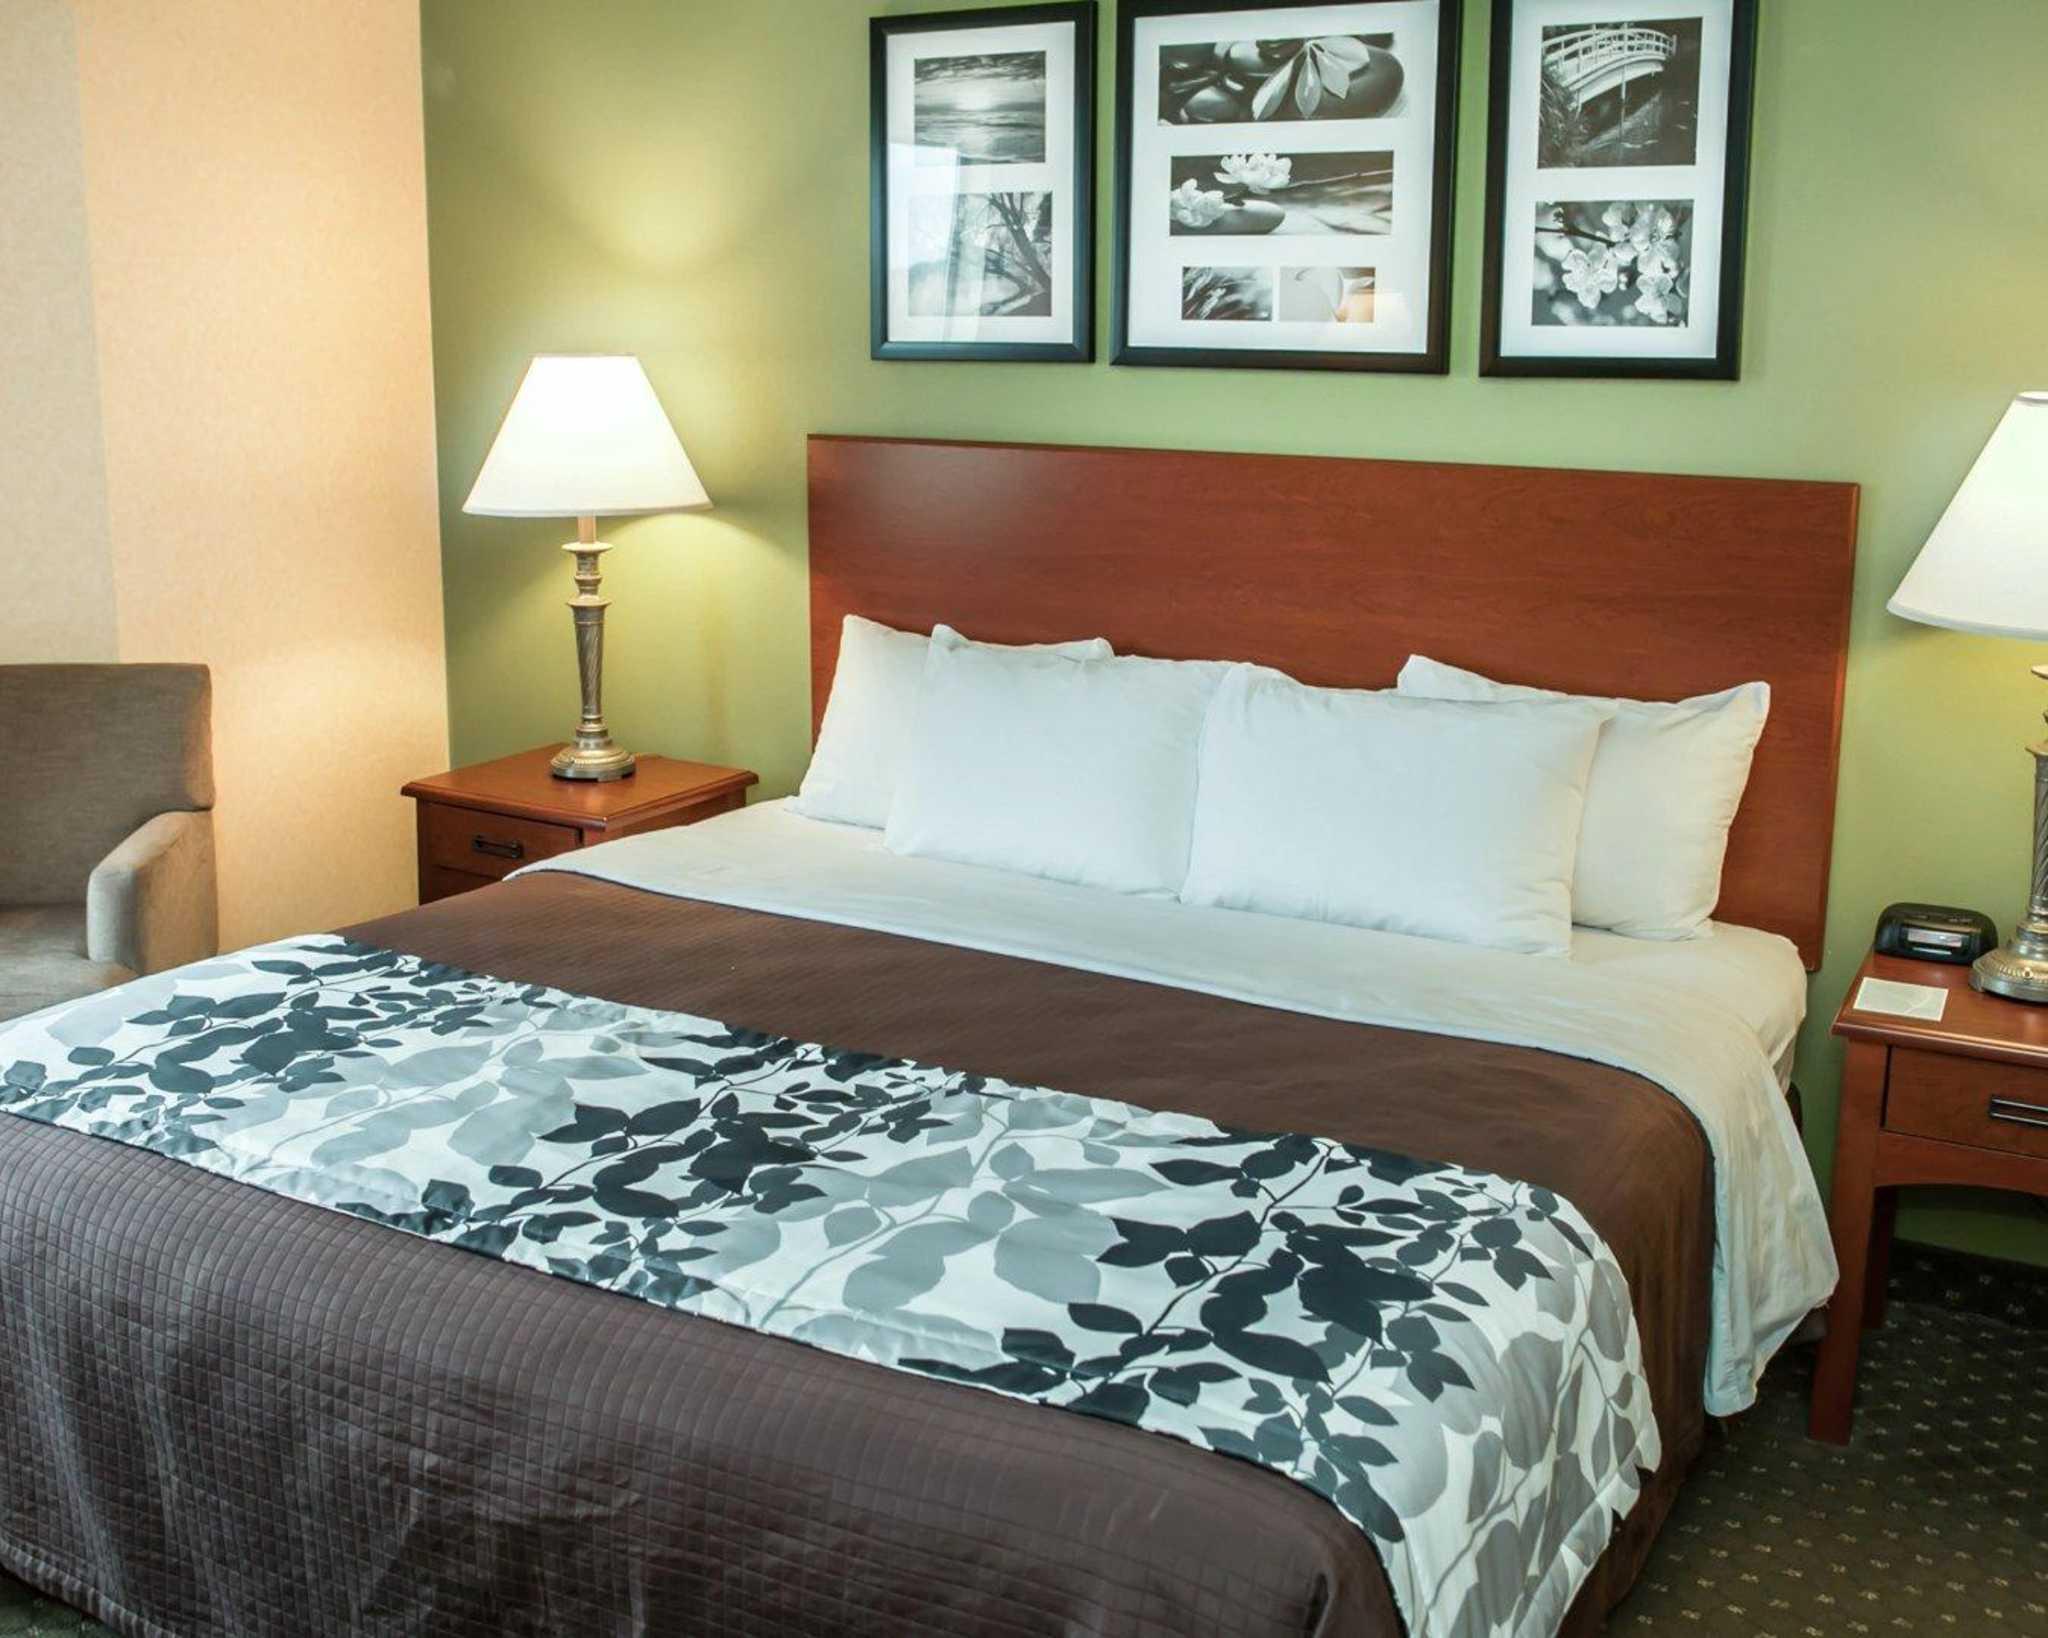 Sleep Inn image 11